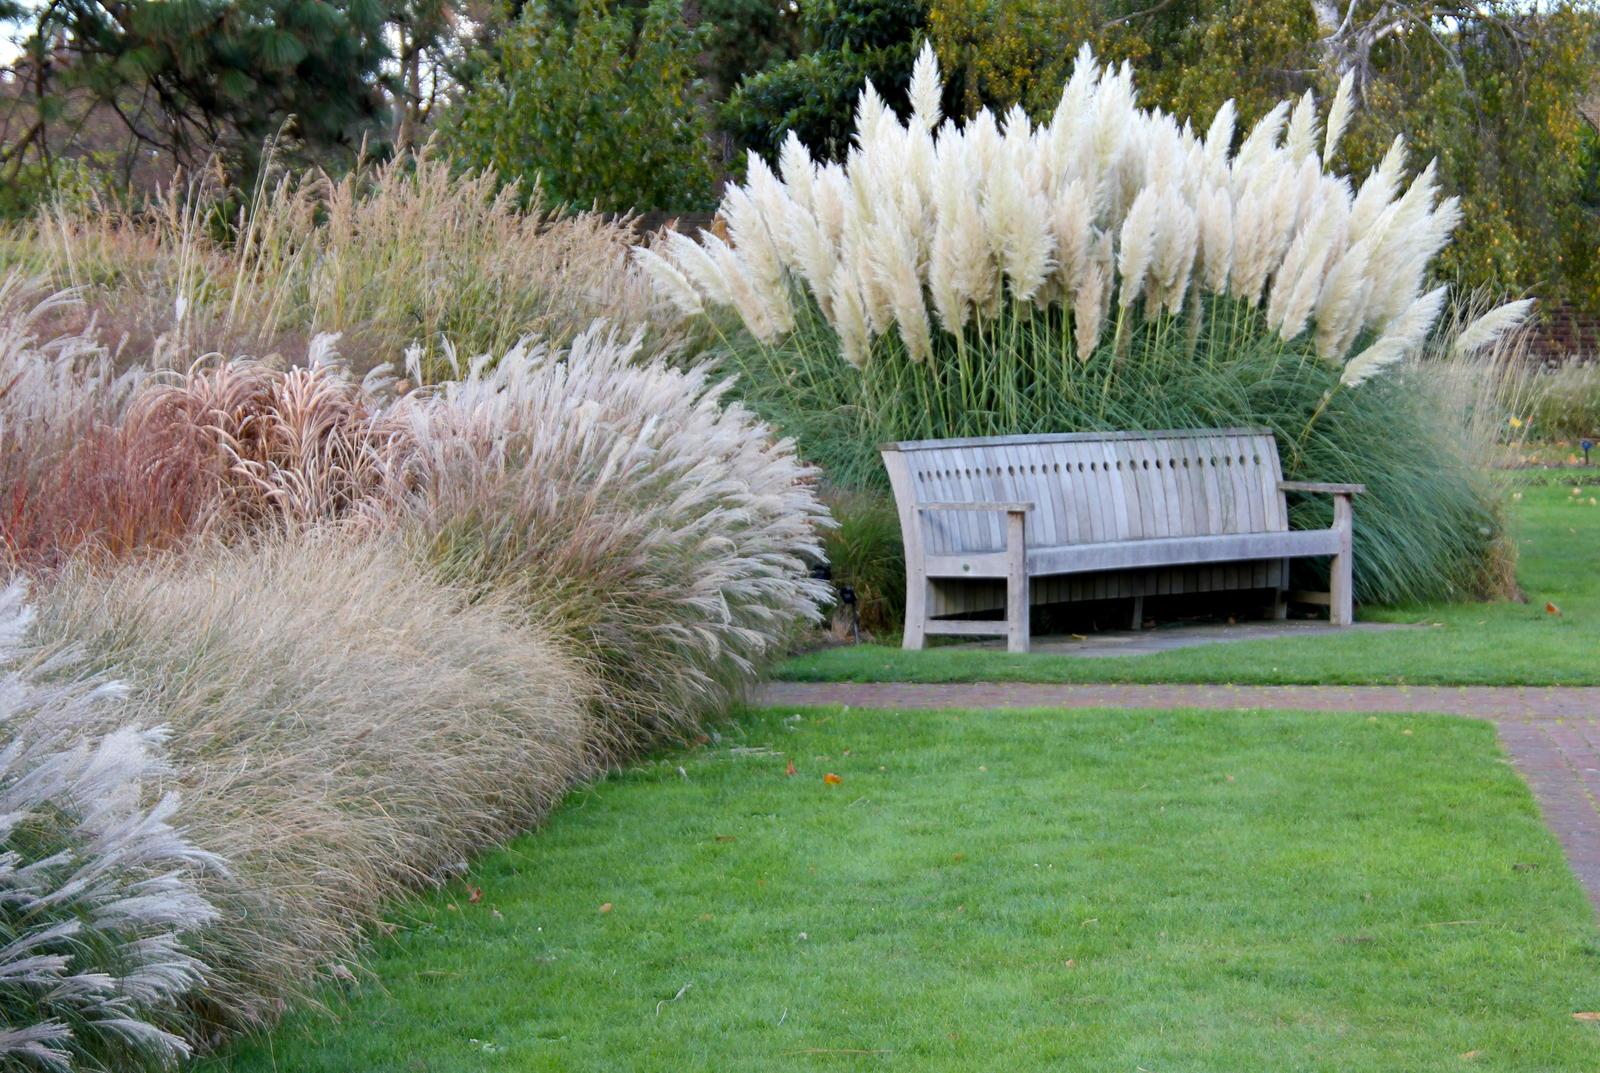 Ziergraser Fur Den Garten Die 10 Schonsten Plantura